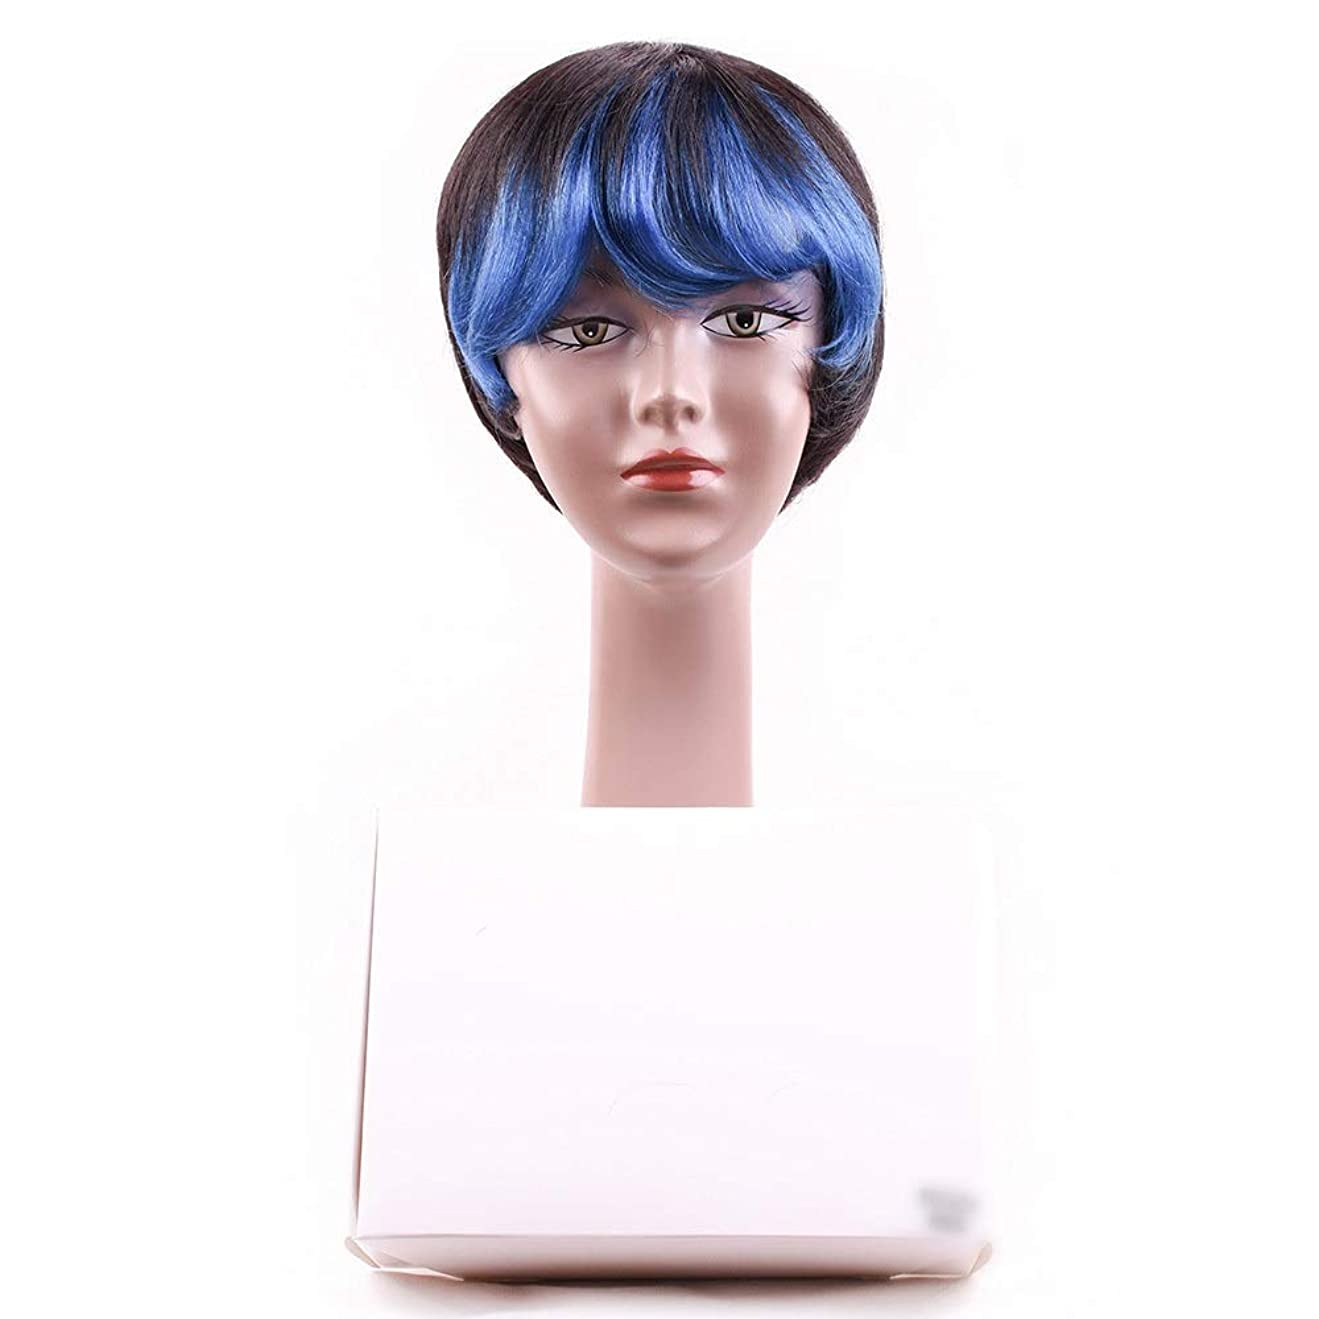 すぐに結核おYAHONGOE 女性の人間の髪の毛ショートボブかつら前髪付きかつらコスプレパーティーかつらロールプレイングかつら女性用かつら (色 : 青)